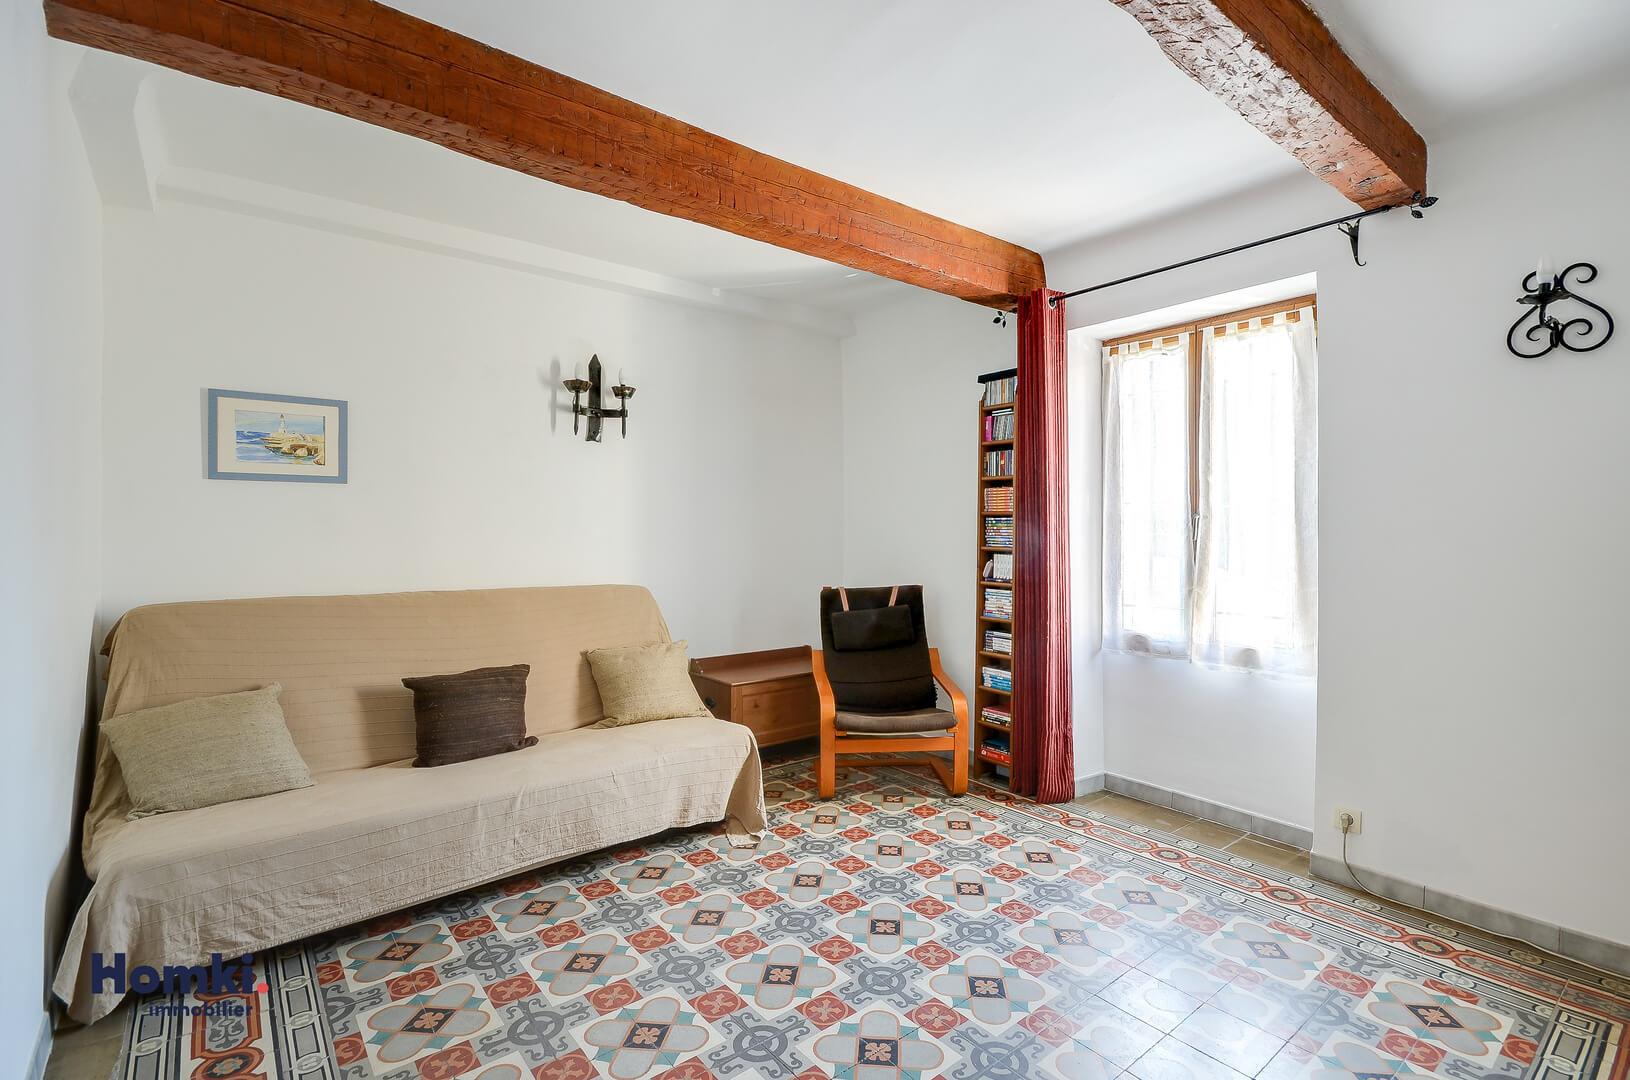 Vente Maison 70 m² T3 13290 Aix en Provence_4